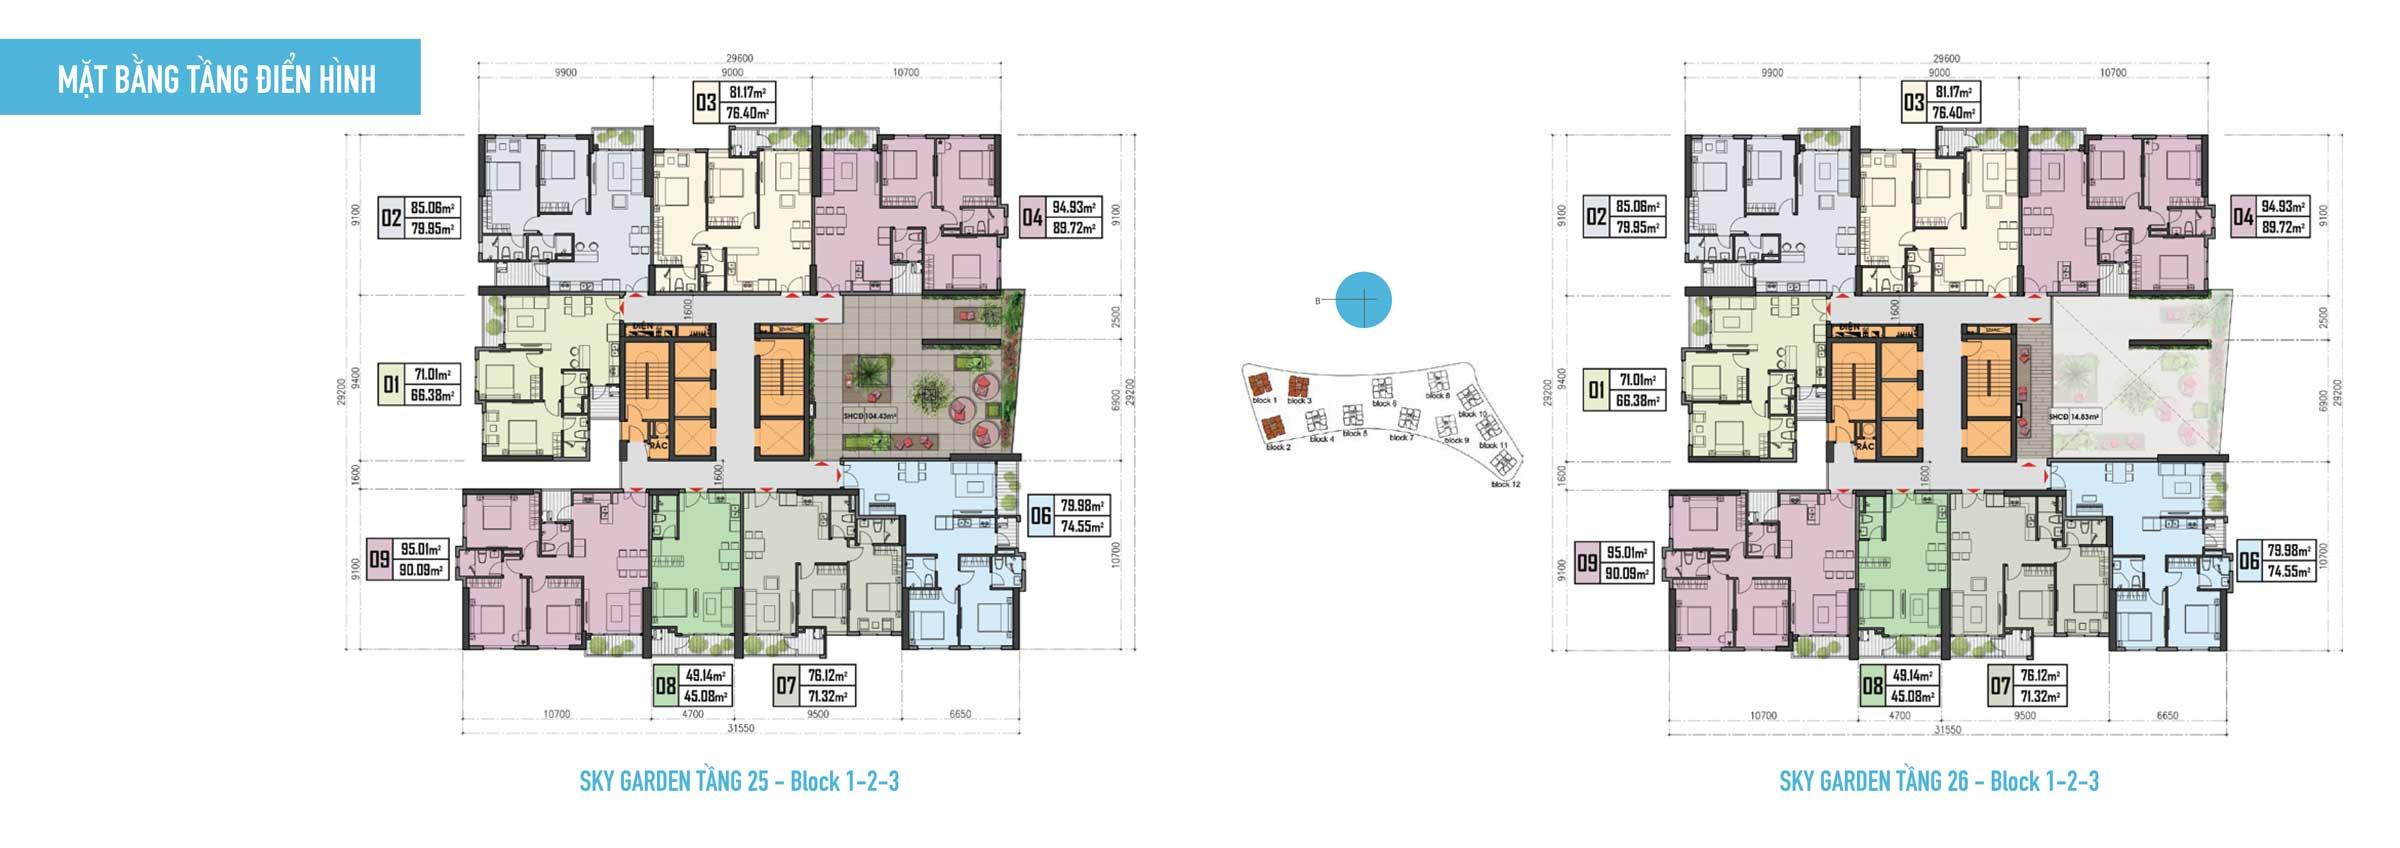 Thiết kế Căn hộ Gem Riverside - Mặt bằng tầng 25-26-Block-1,2,3